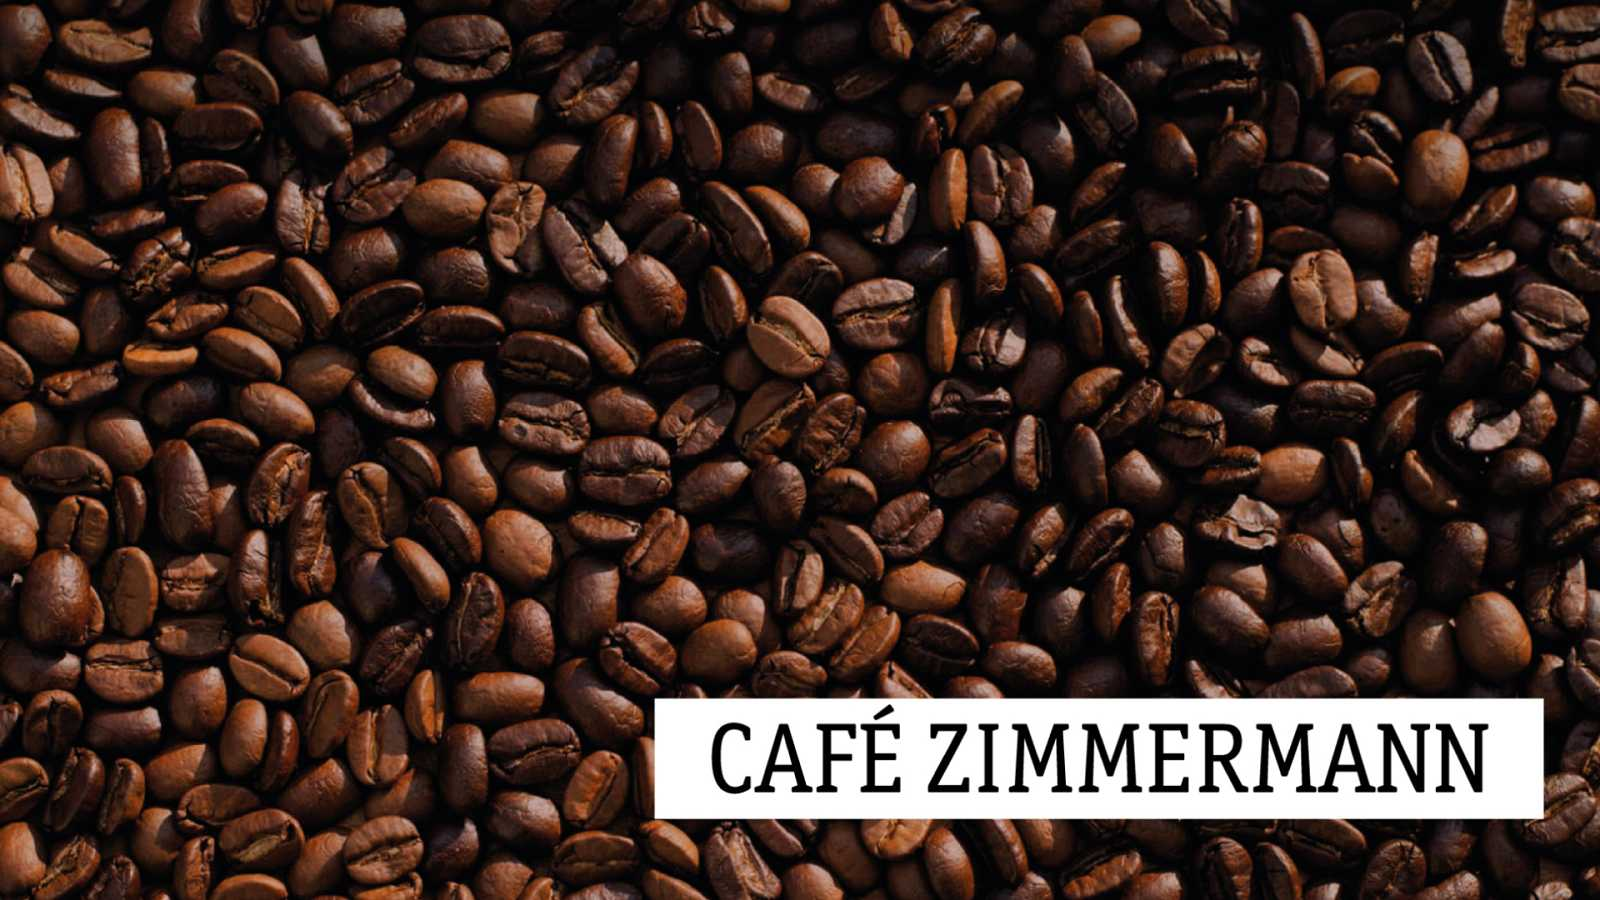 Café Zimmermann - Libros que salvan vidas - 01/12/20 - escuchar ahora